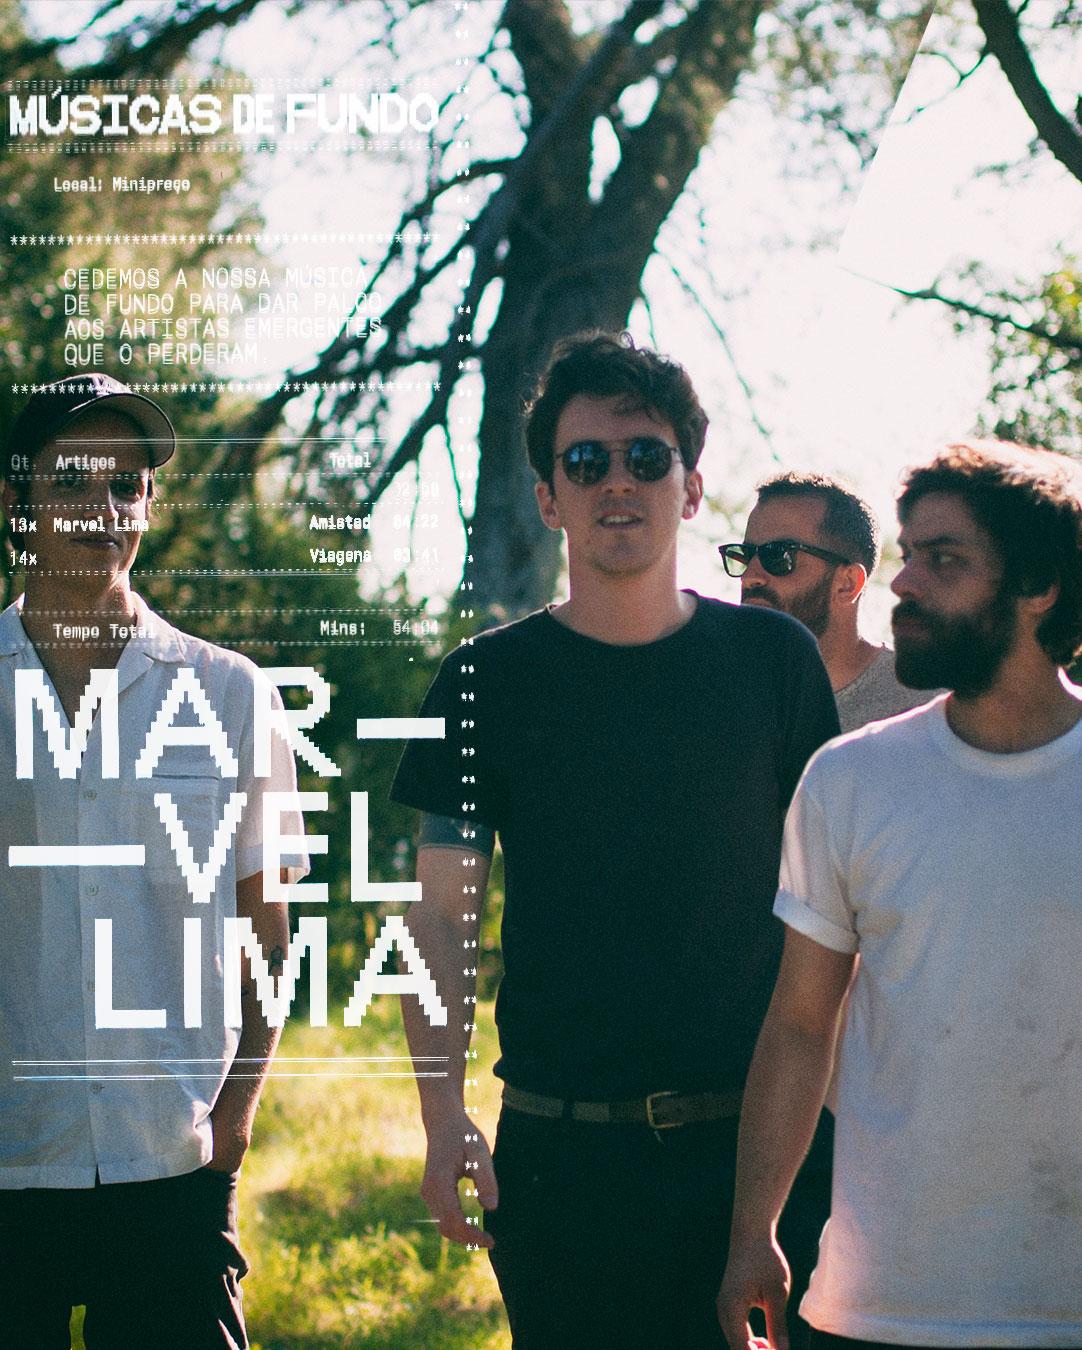 MARVEL LIMA Spotify